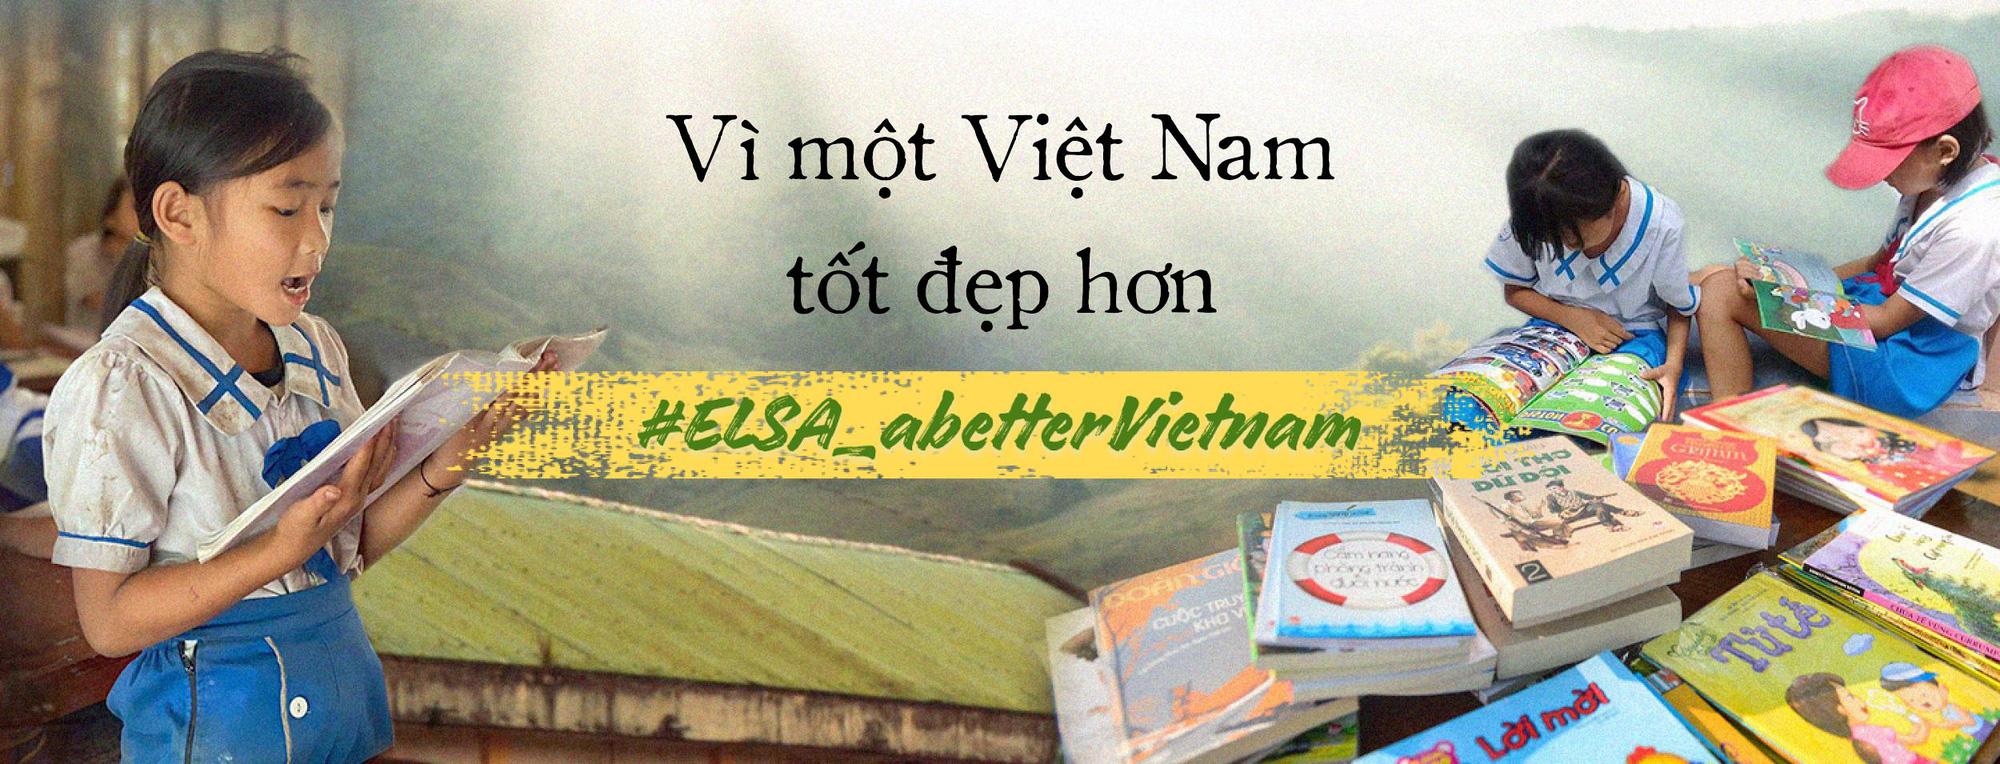 """Chiến dịch """"Vì một Việt Nam tốt đẹp hơn"""" của startup Việt ELSA: Giáo dục là nền tảng - Ảnh 2."""